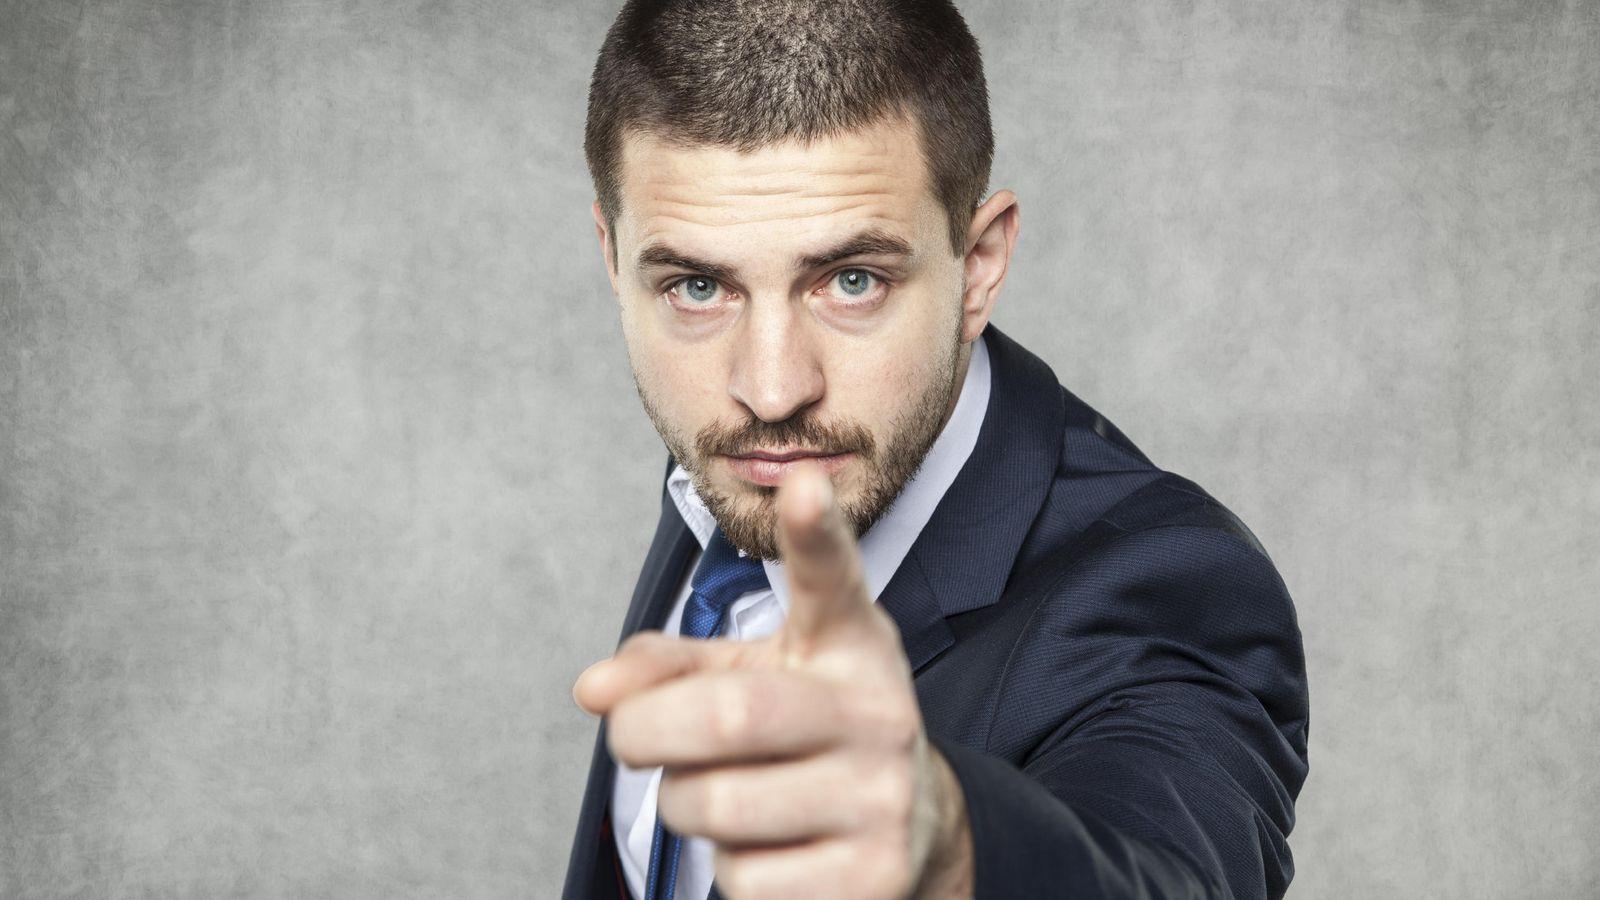 Foto: 'Sí, soy un gilipollas, pero también soy tu jefe'. (iStock)